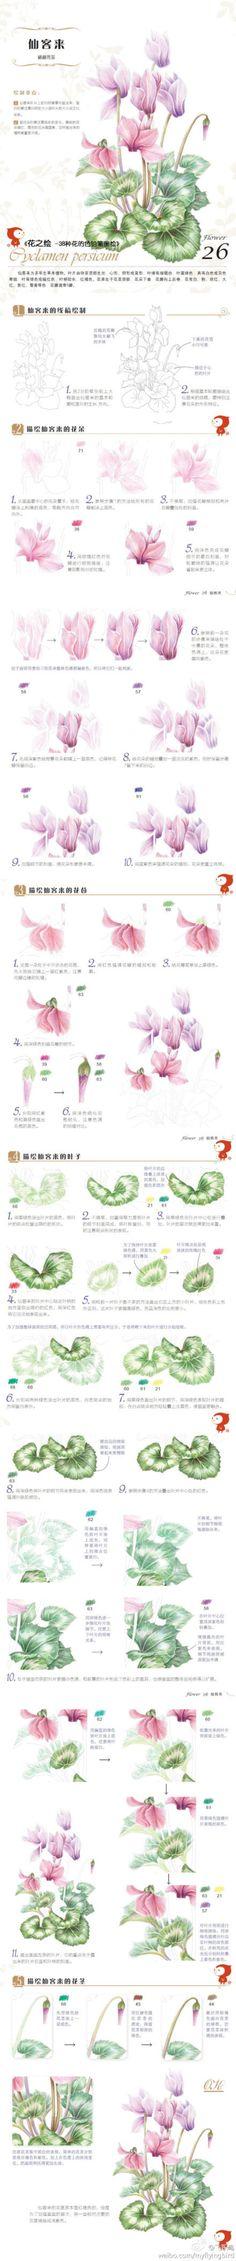 """【绘画教程】#每日涂鸦#""""花之绘""""--美丽仙客来植物绘详细手绘过程噢!!(点大图看啦~)"""